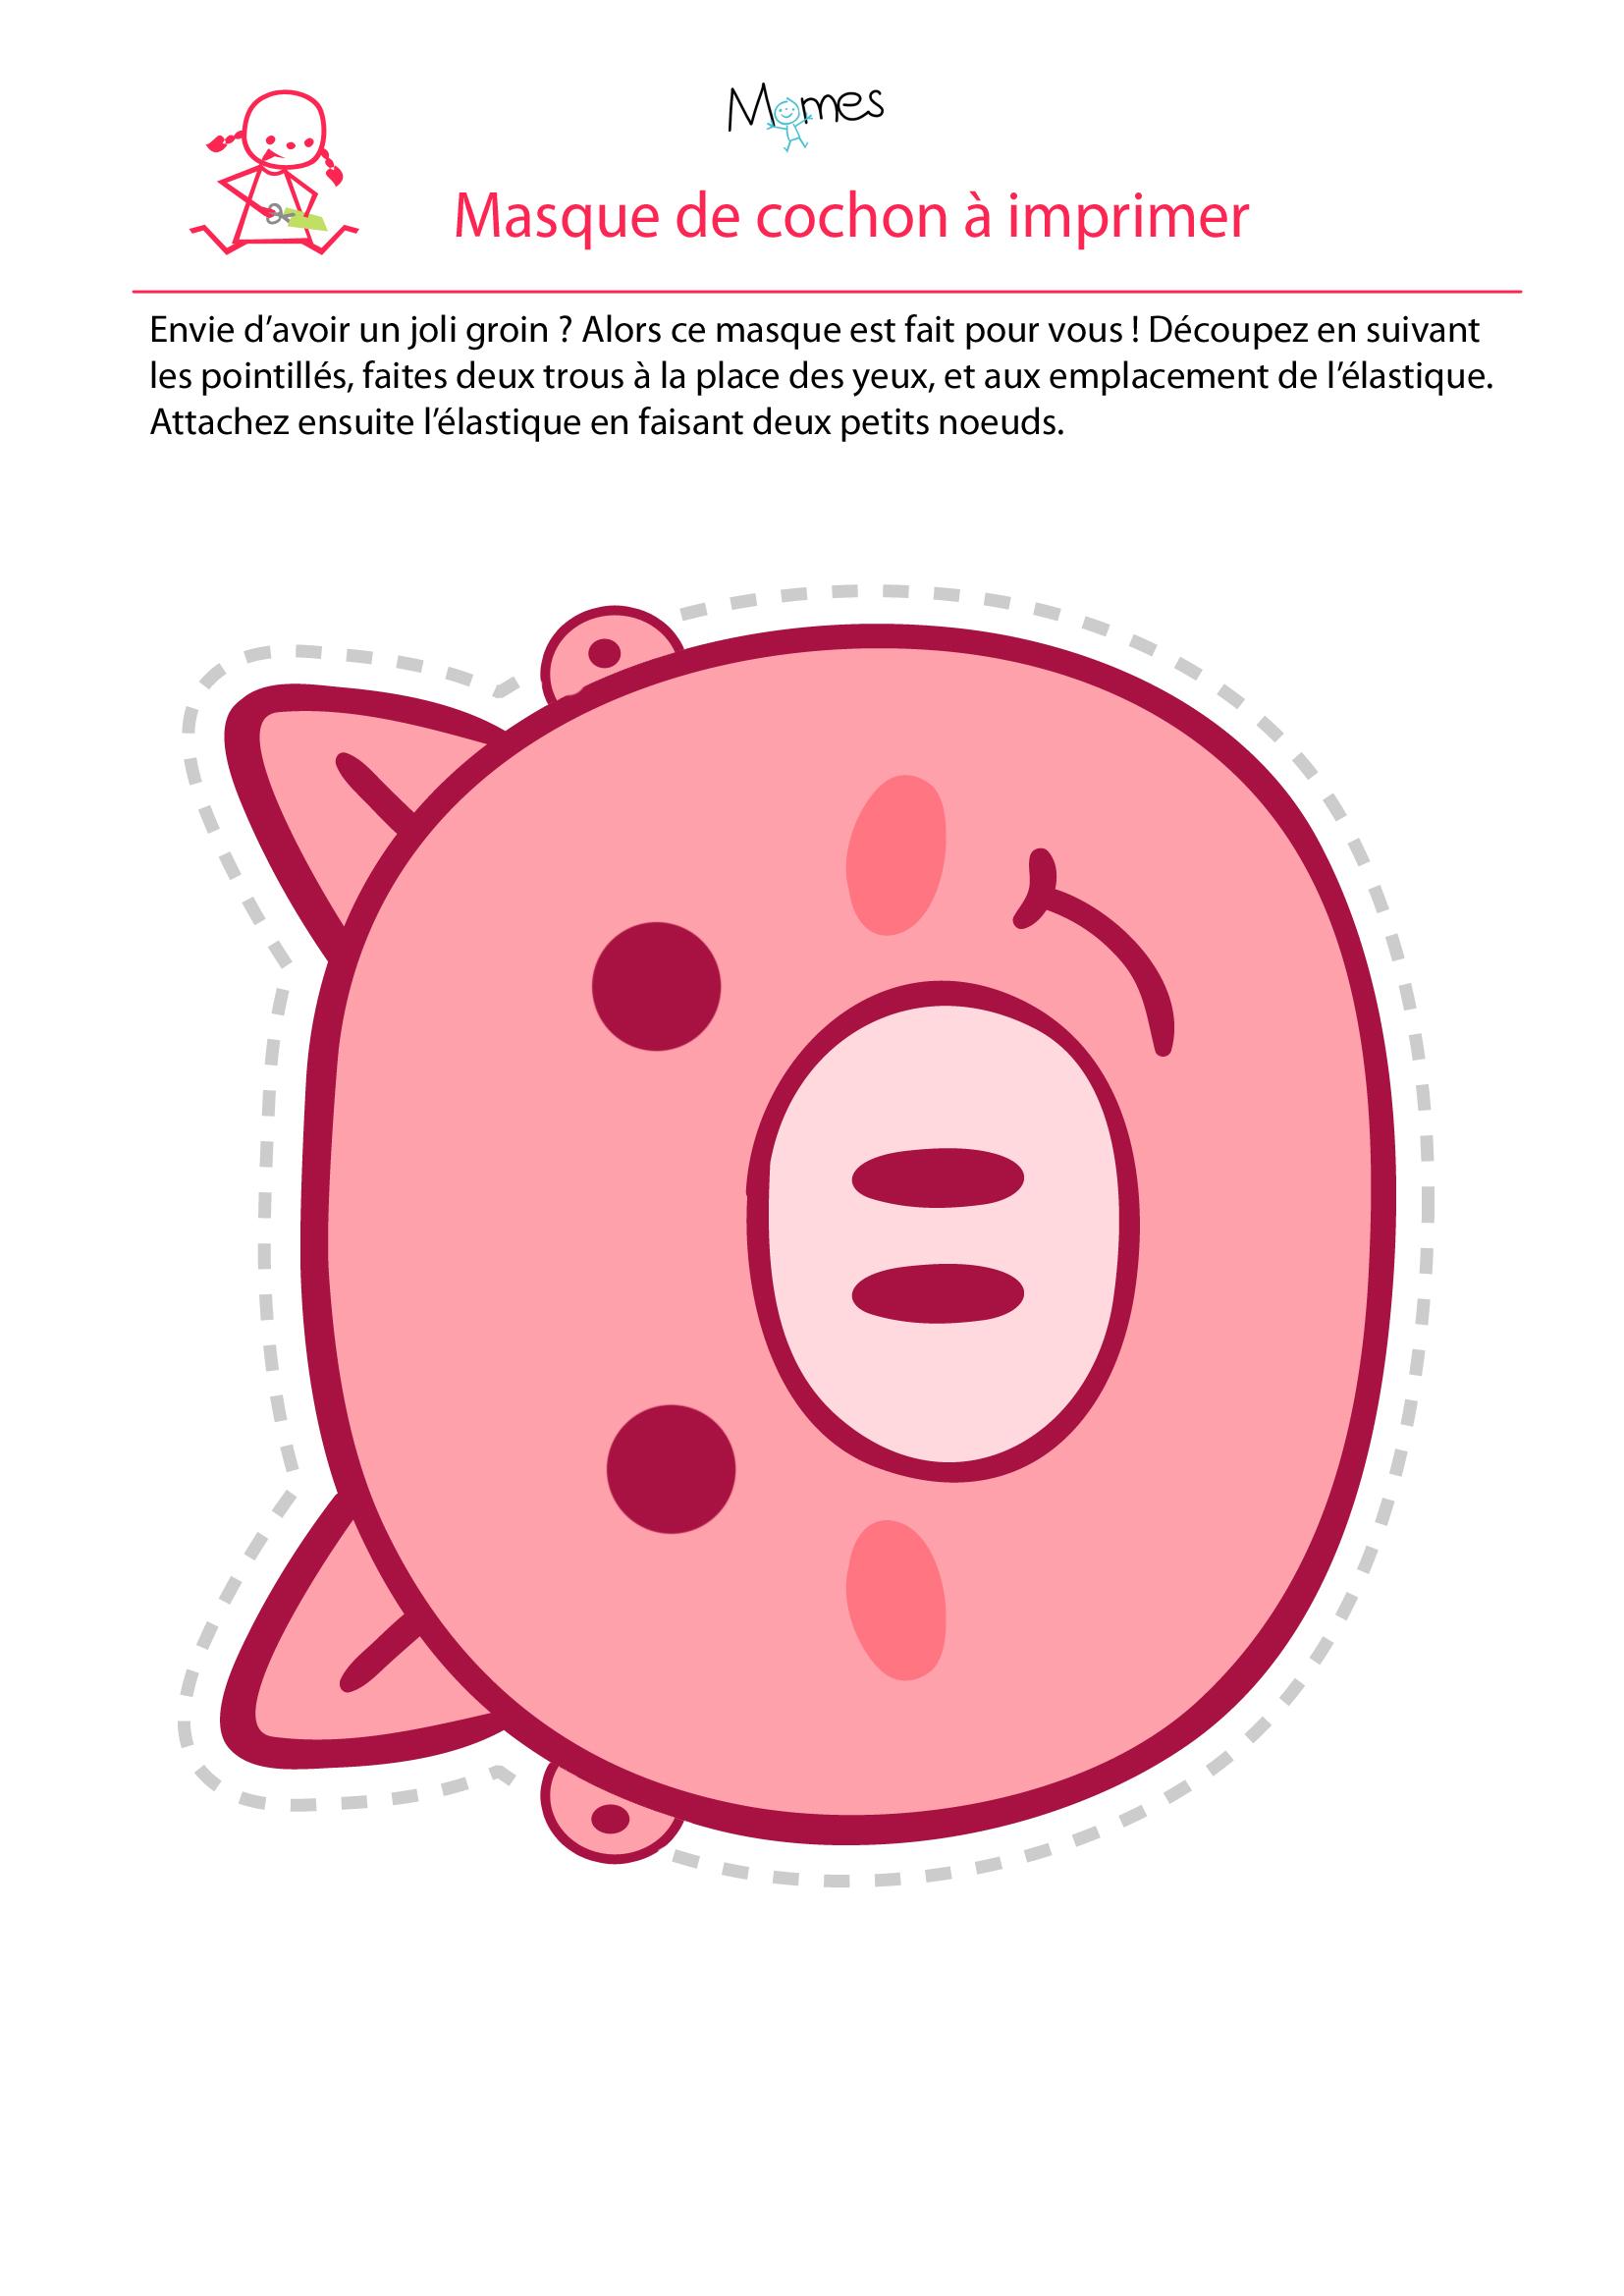 Masque de cochon à imprimer